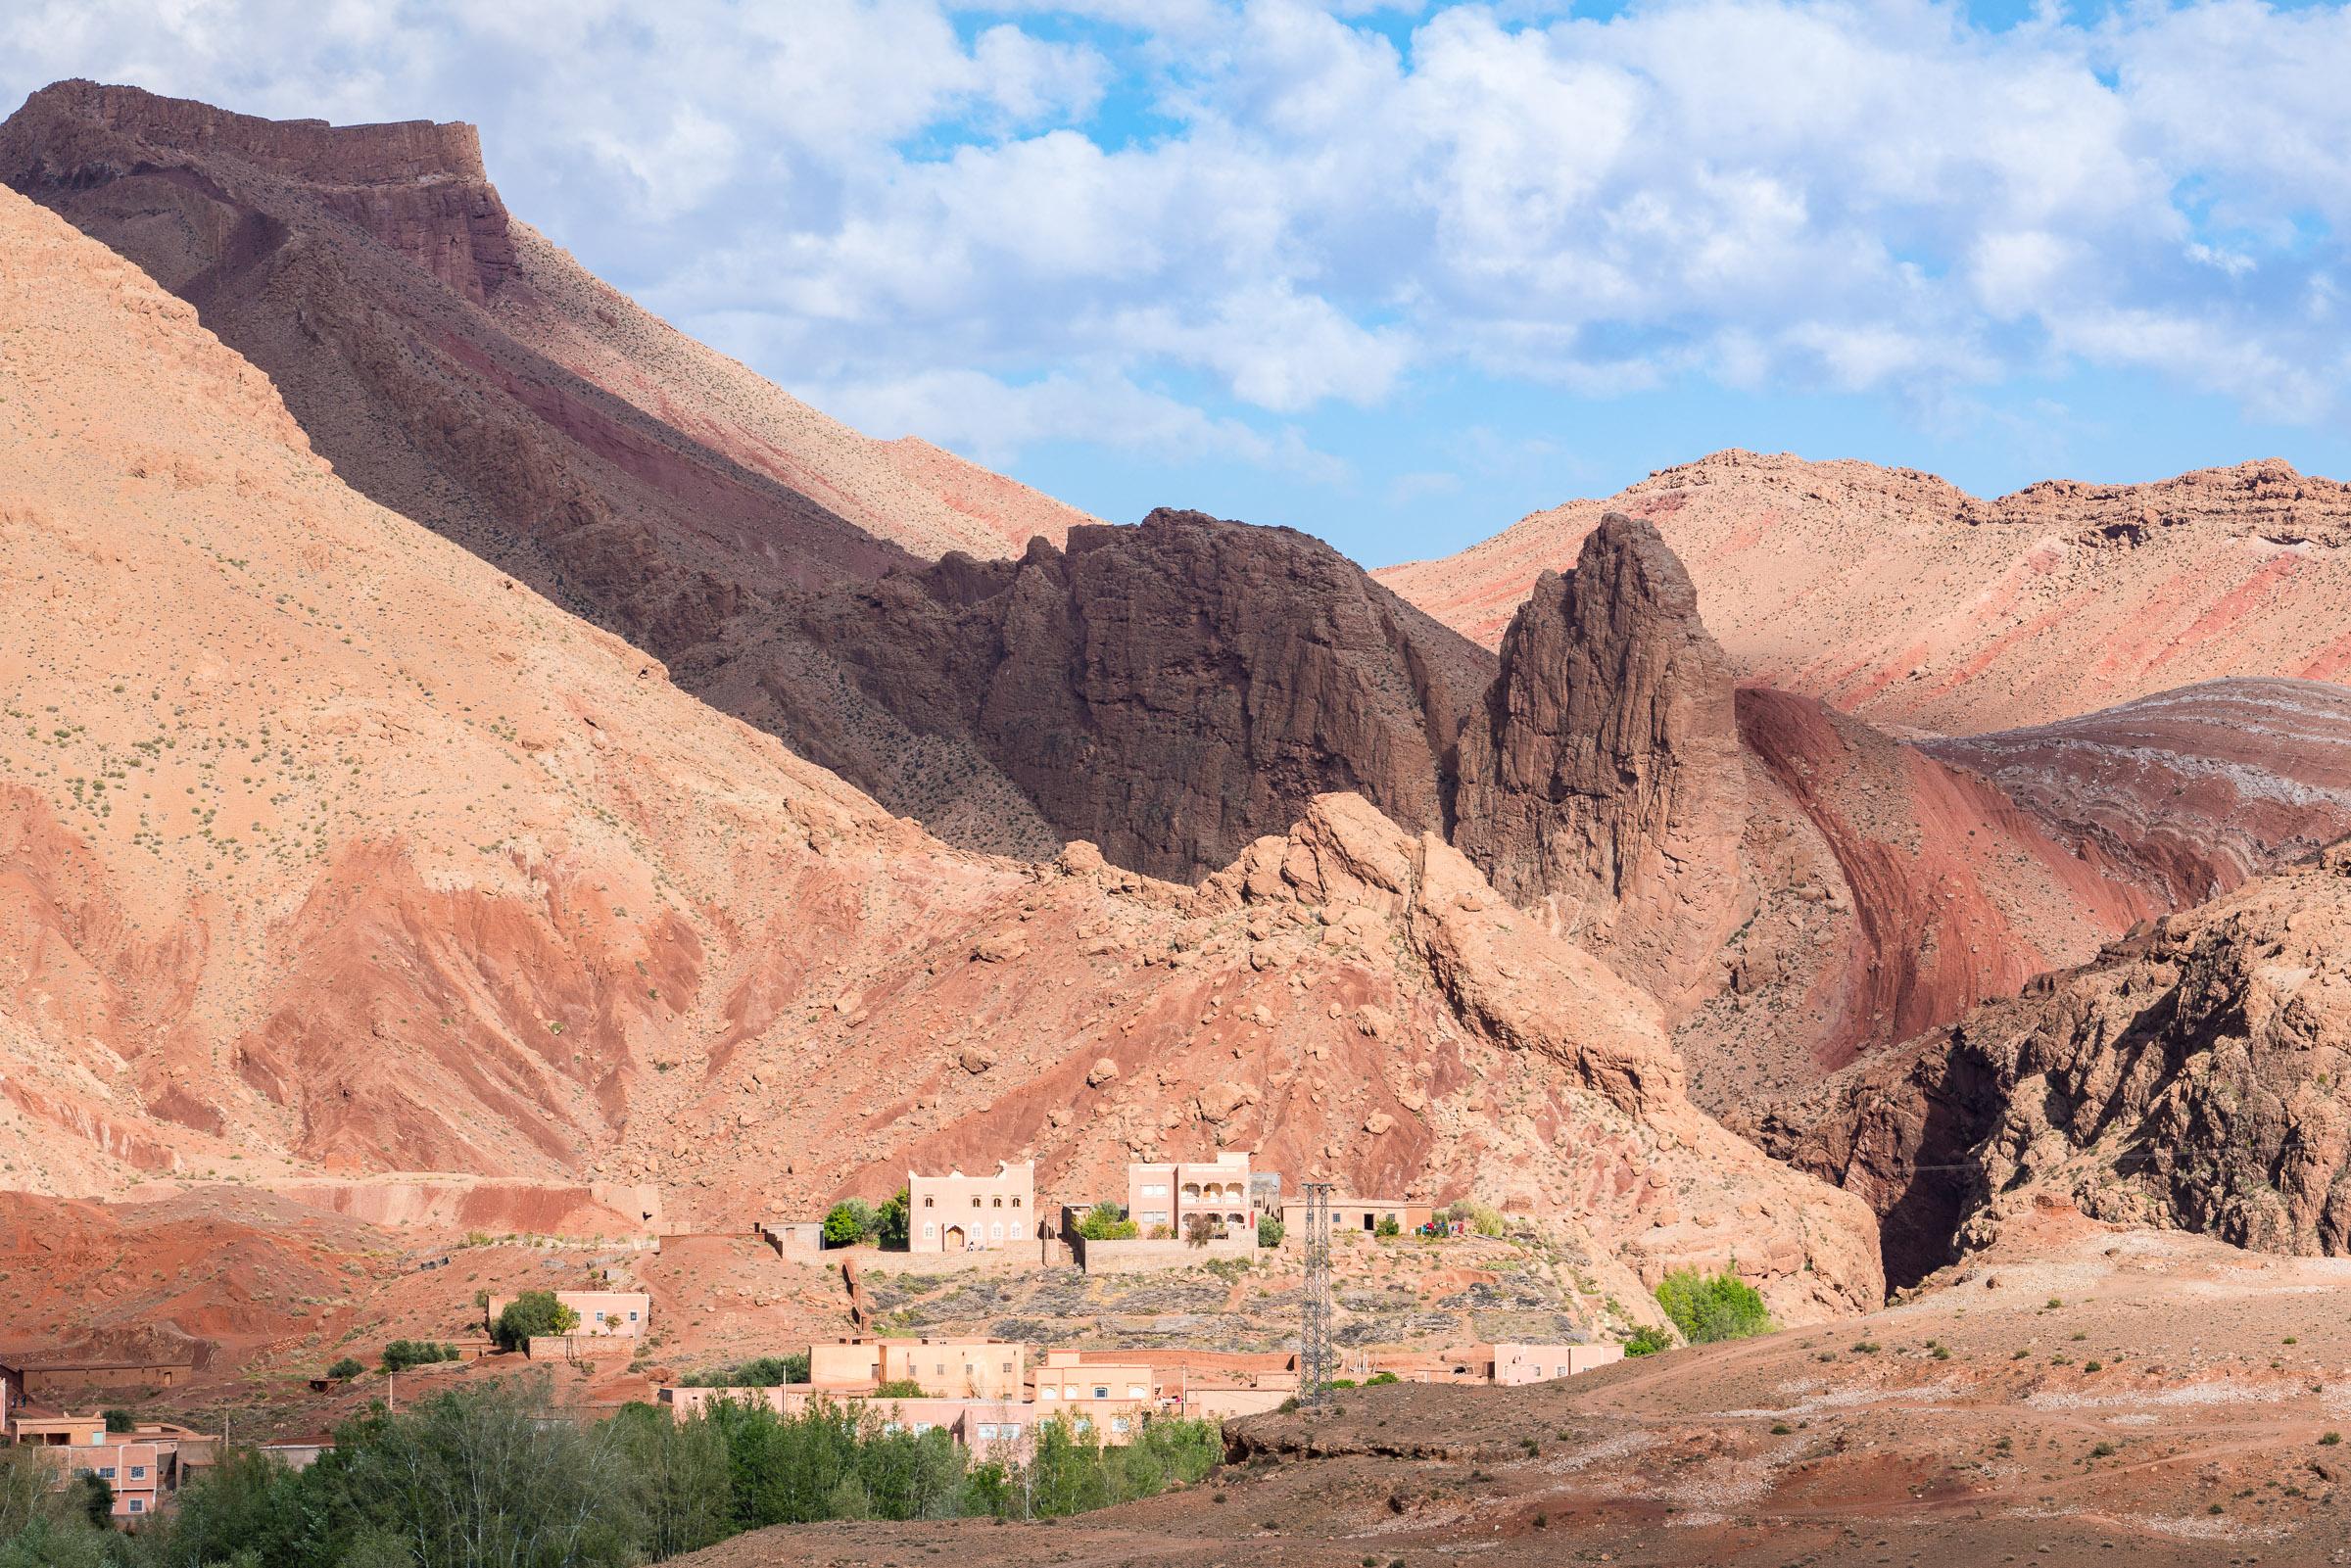 Dades-Gorges-biltur-Marokko